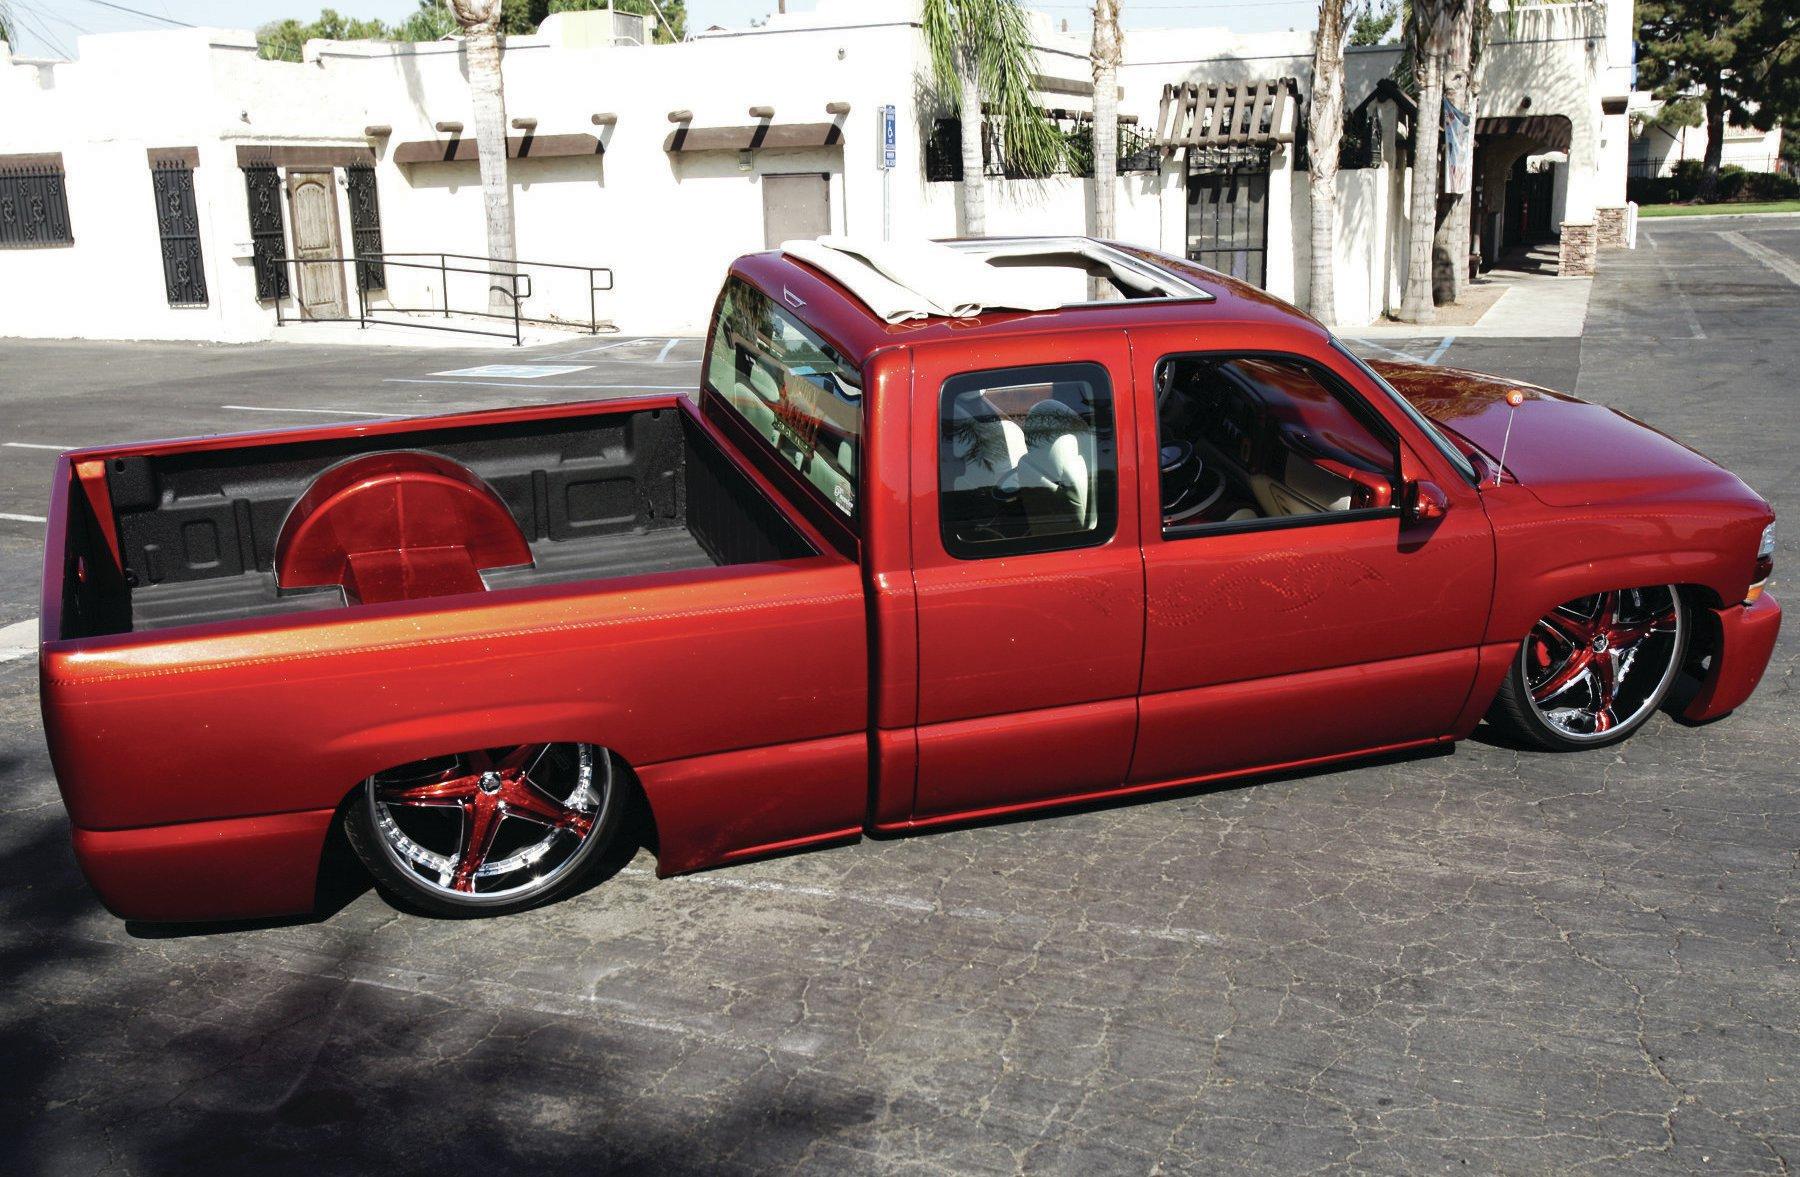 2001 Chevrolet Silverado - La Famosa